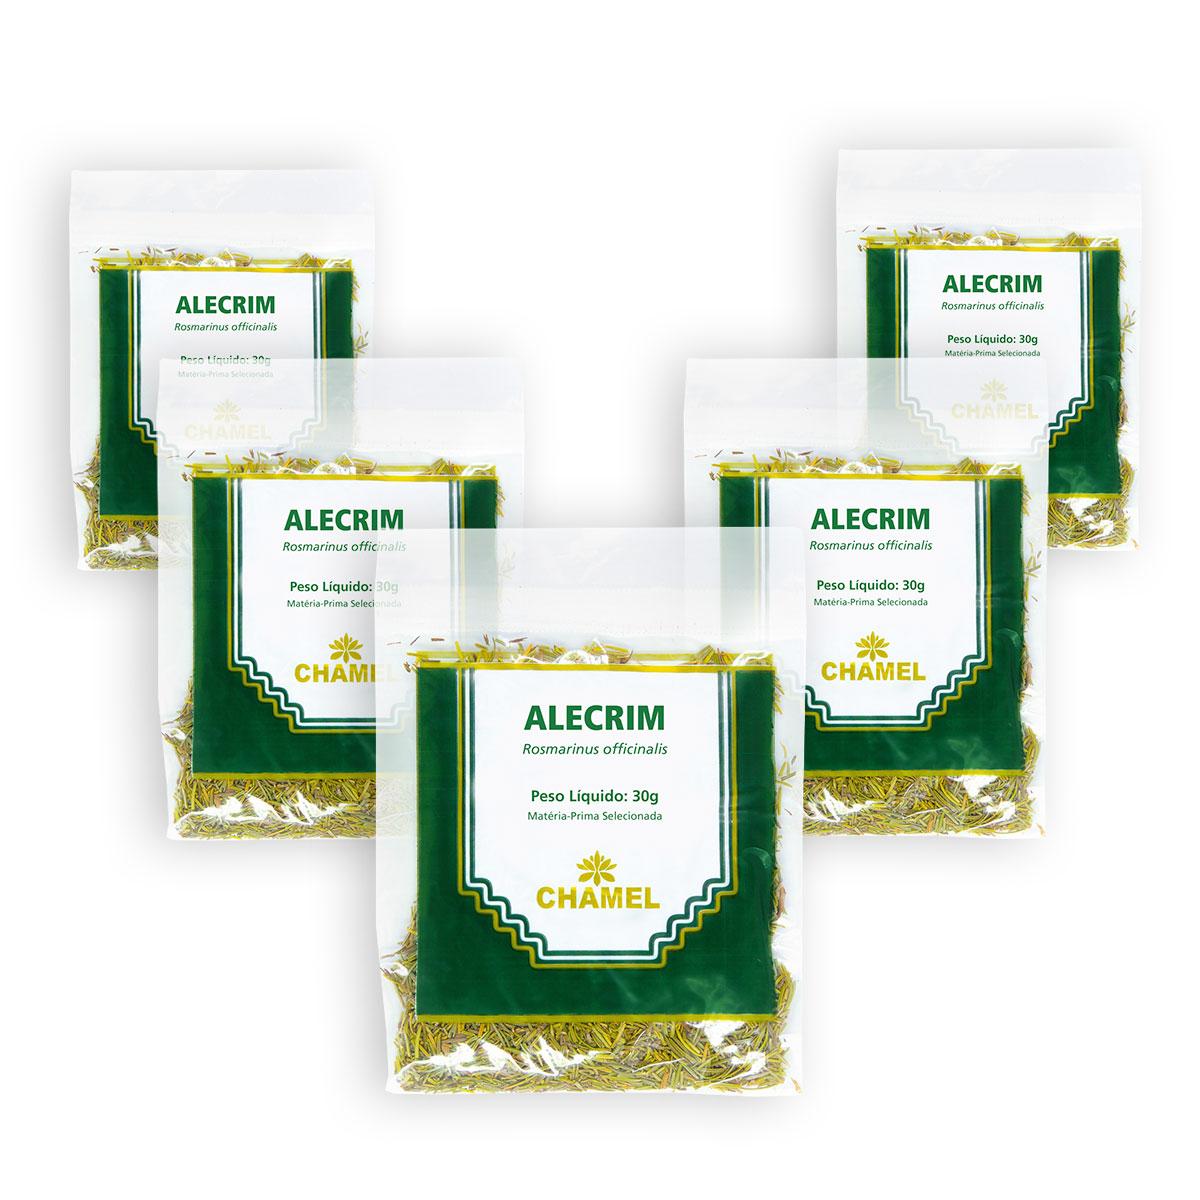 Alecrim 30g Chamel com 5 Unidades - Chá Folhas